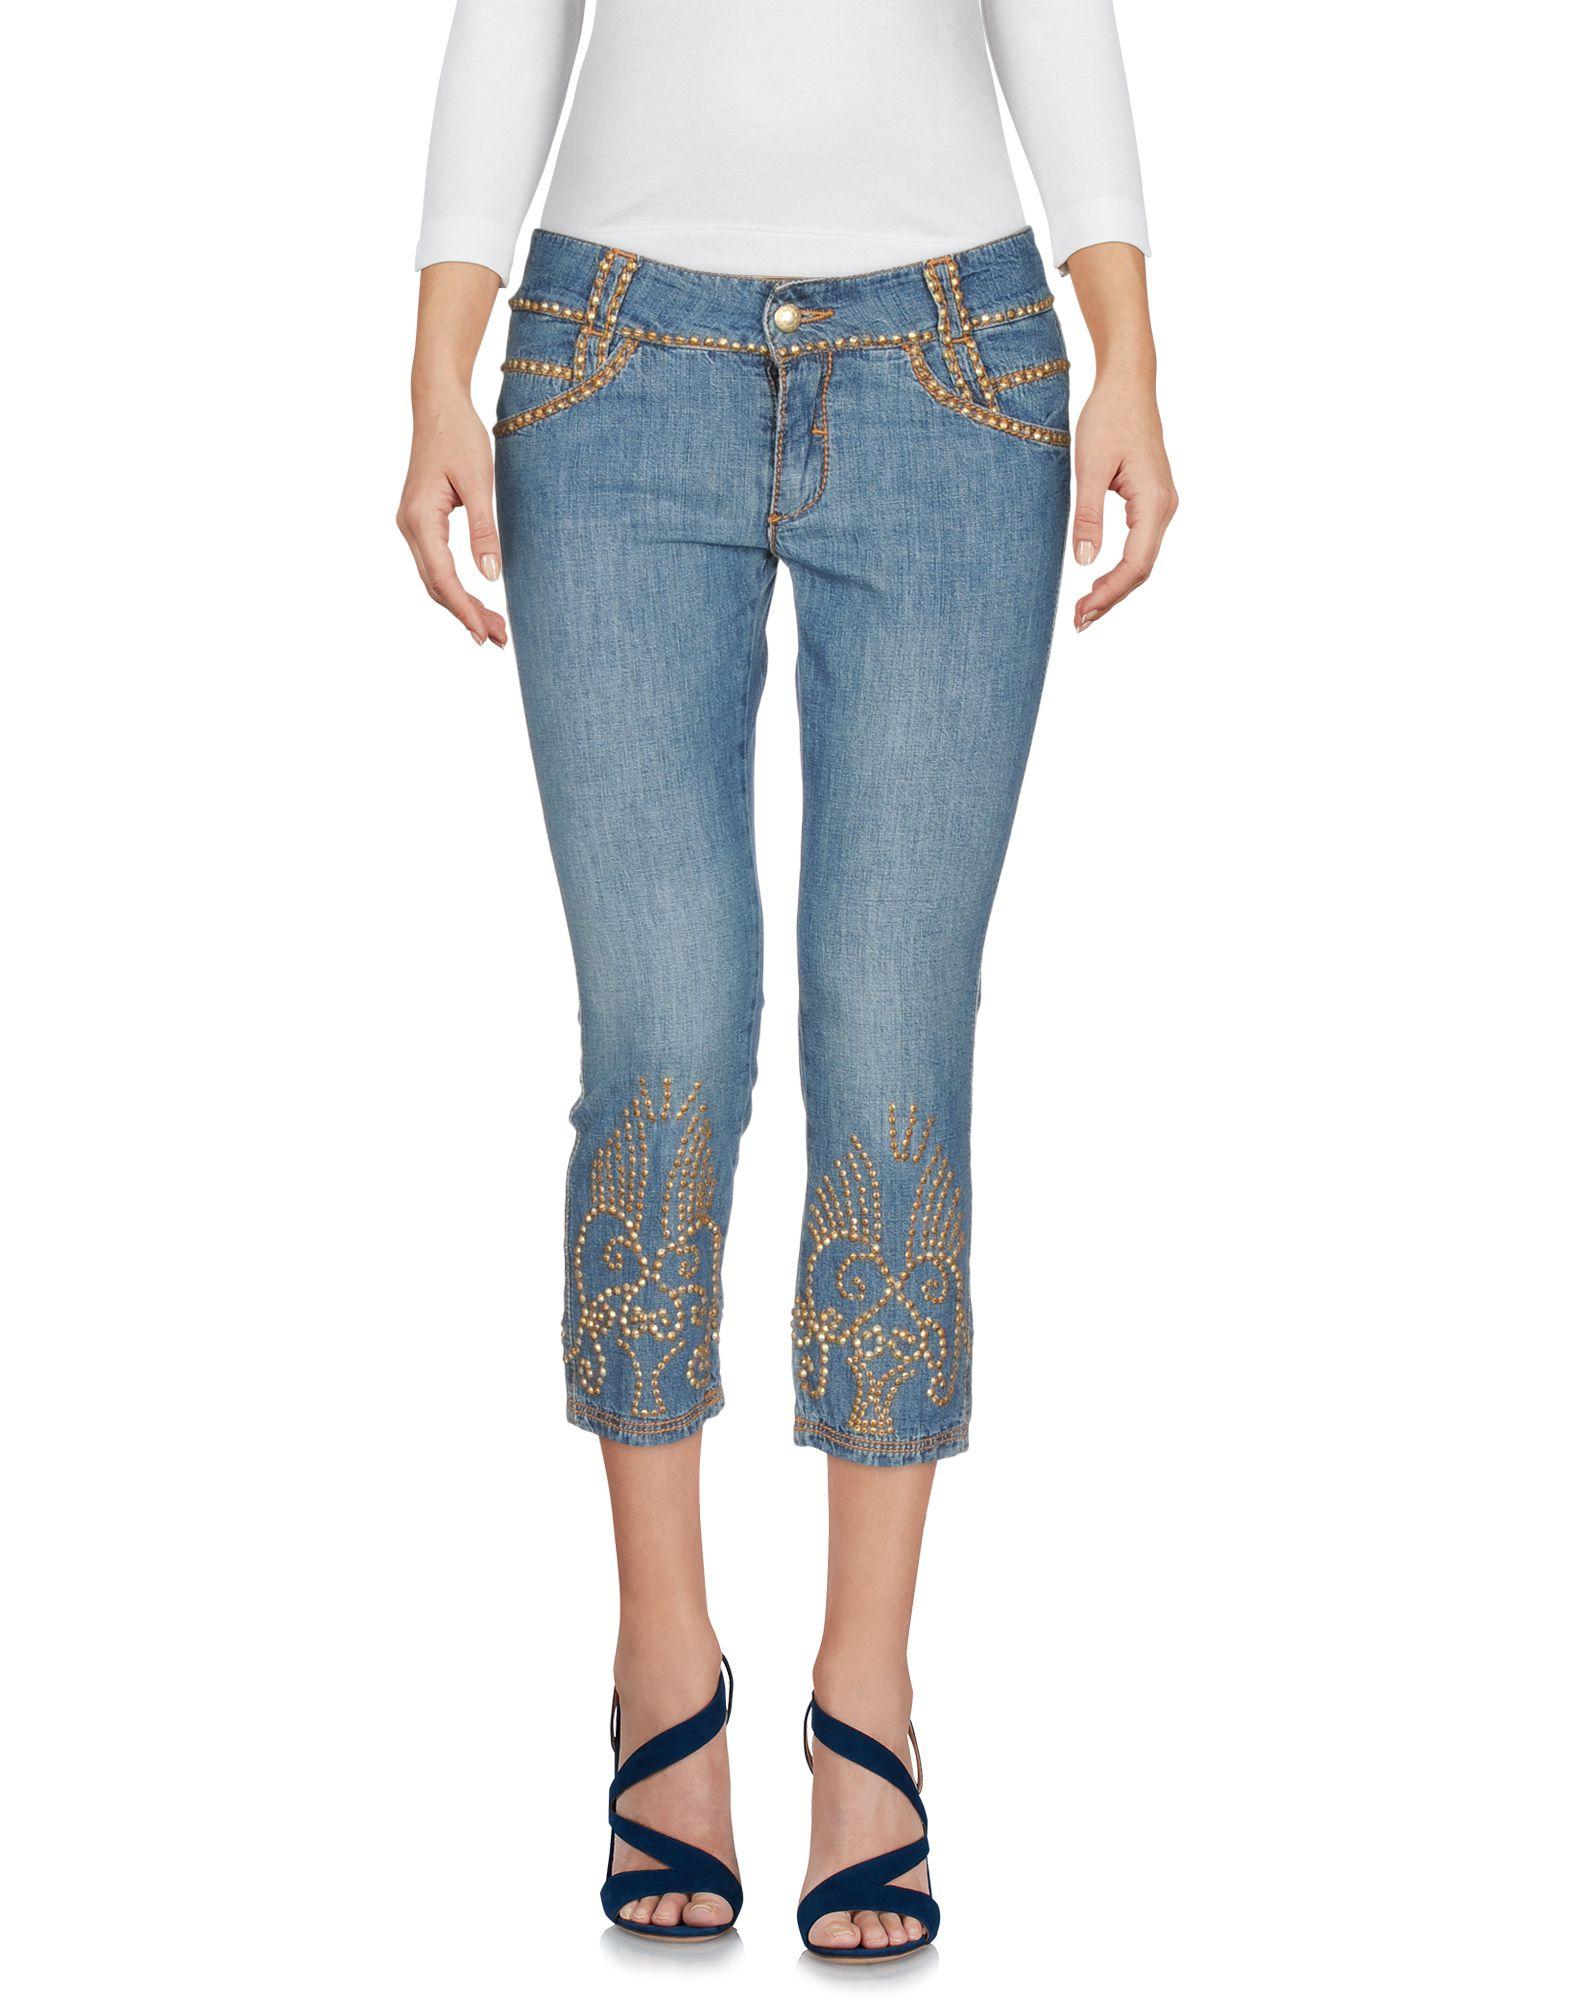 ERMANNO SCERVINO Джинсовые брюки-капри золотые серьги ювелирное изделие e01112202wg